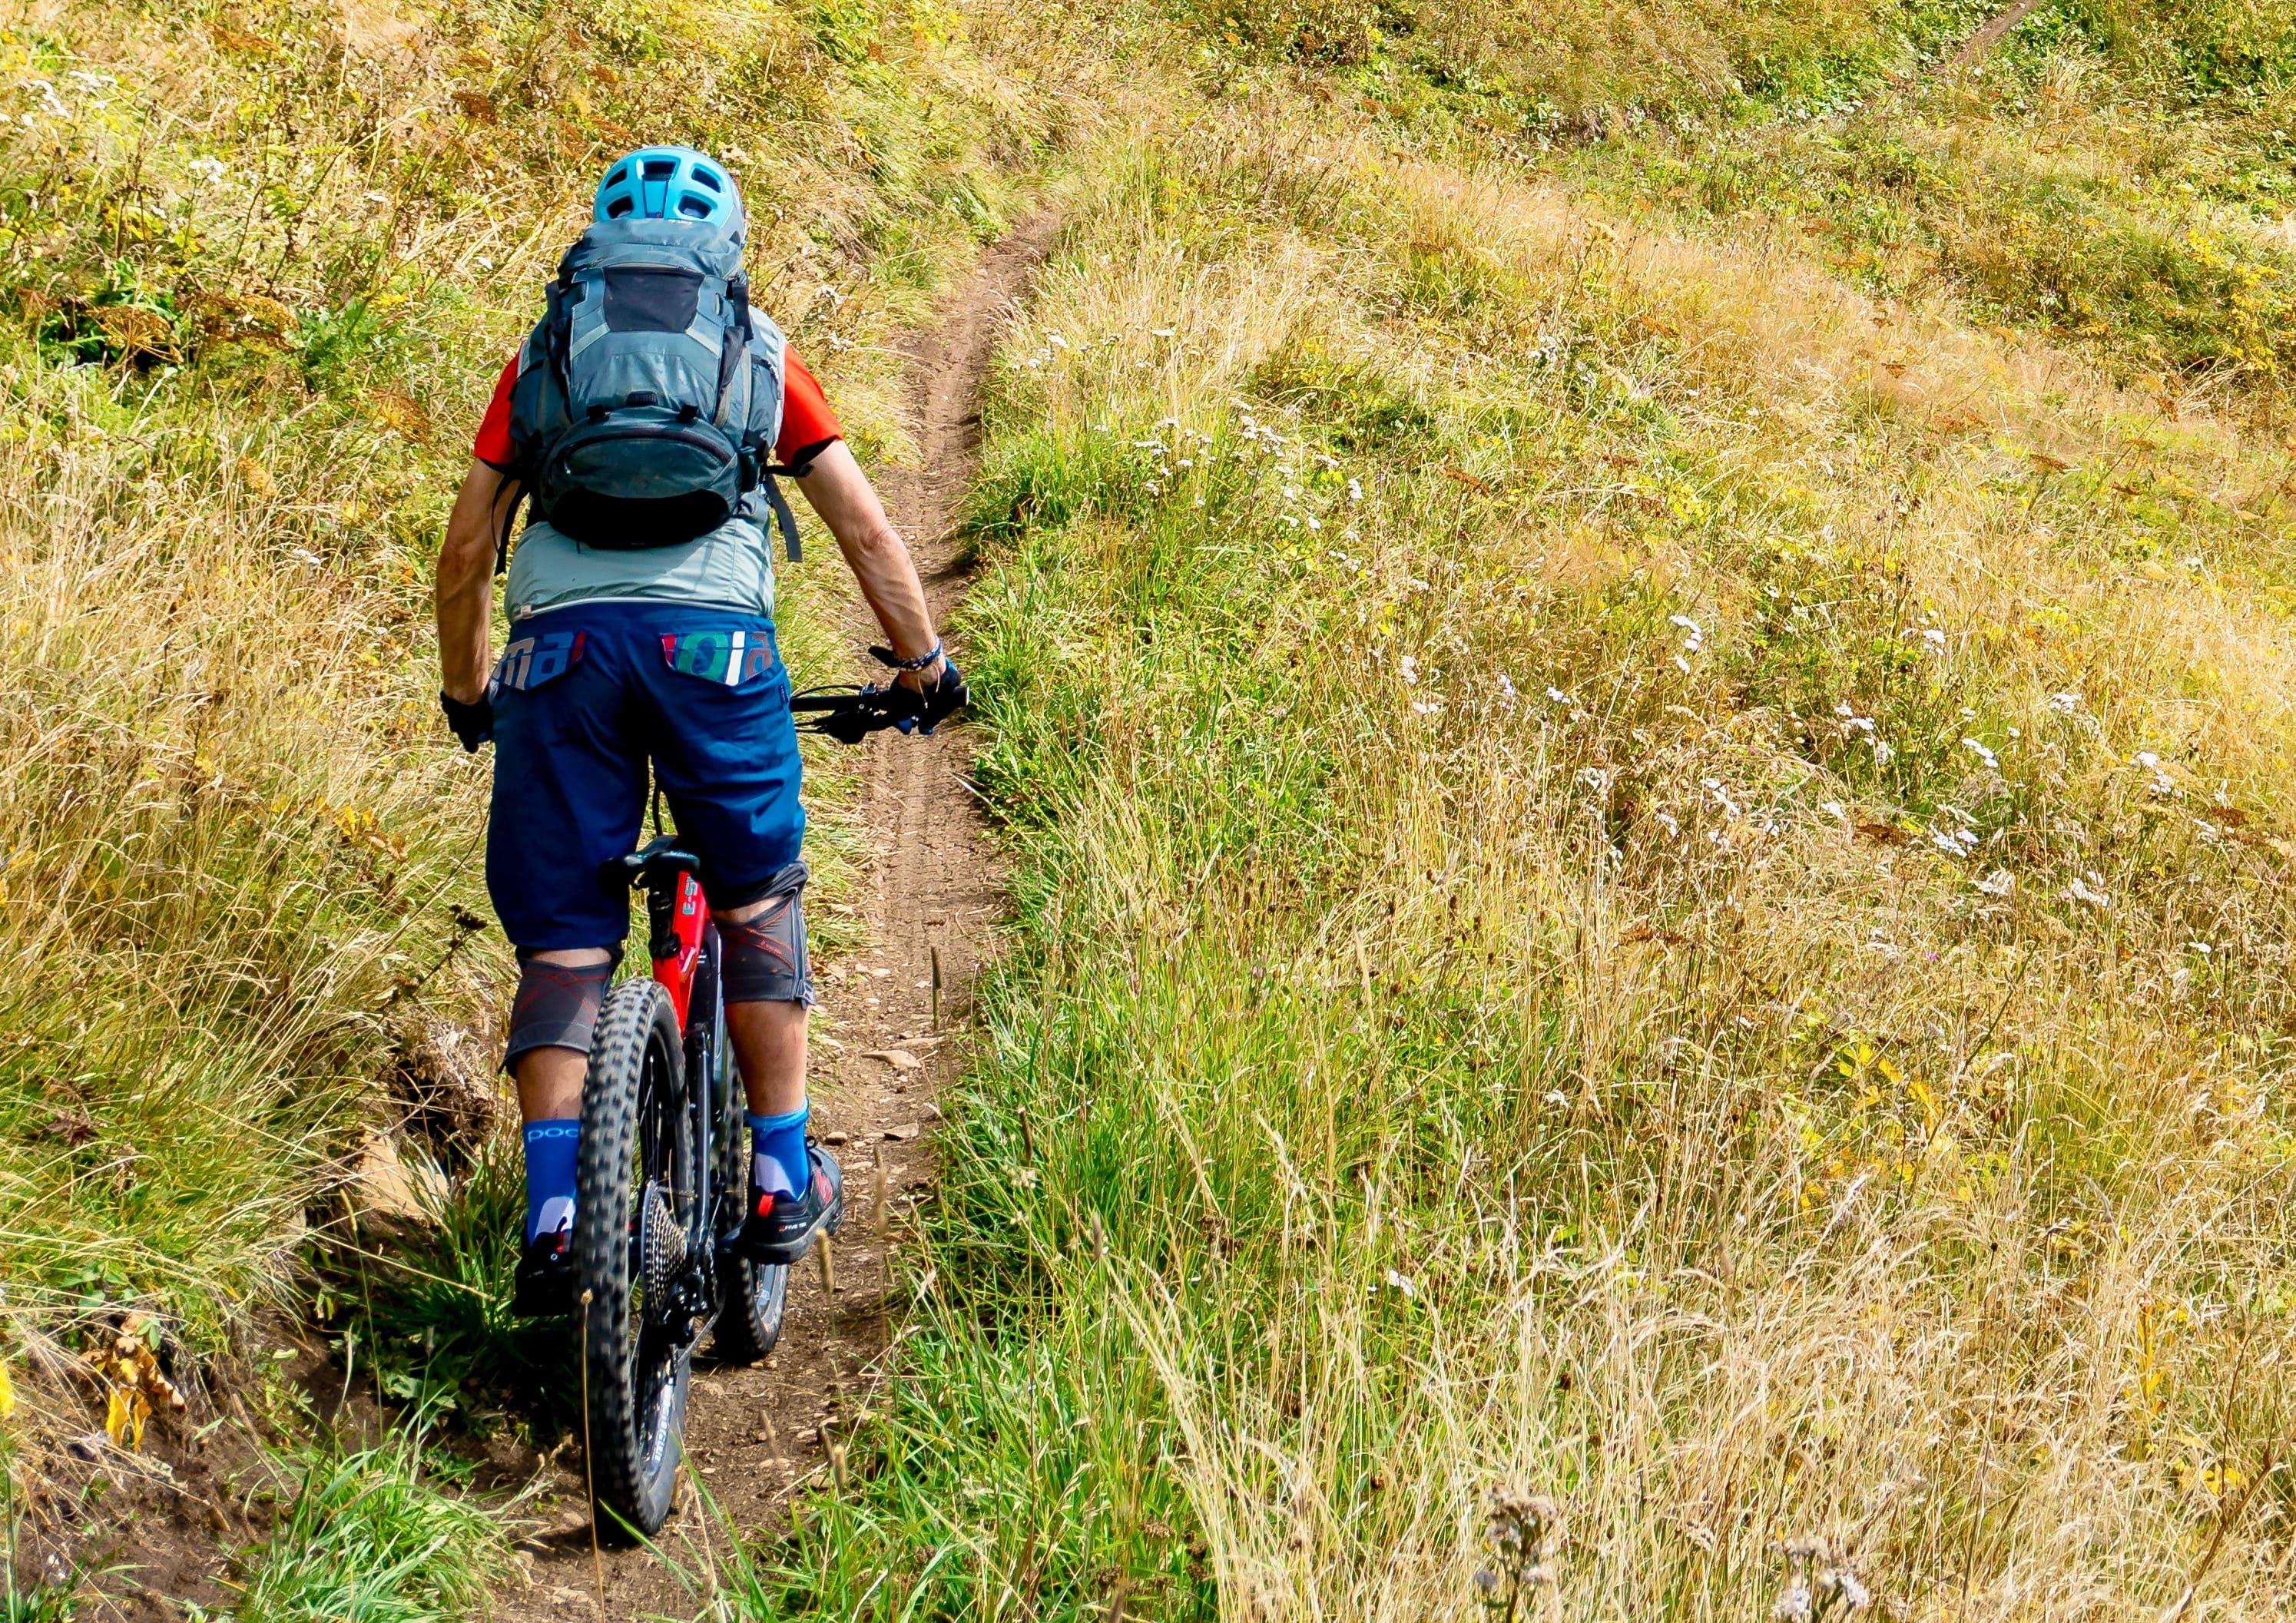 Explorar la hermosa naturaleza en una excursión en bicicleta de montaña